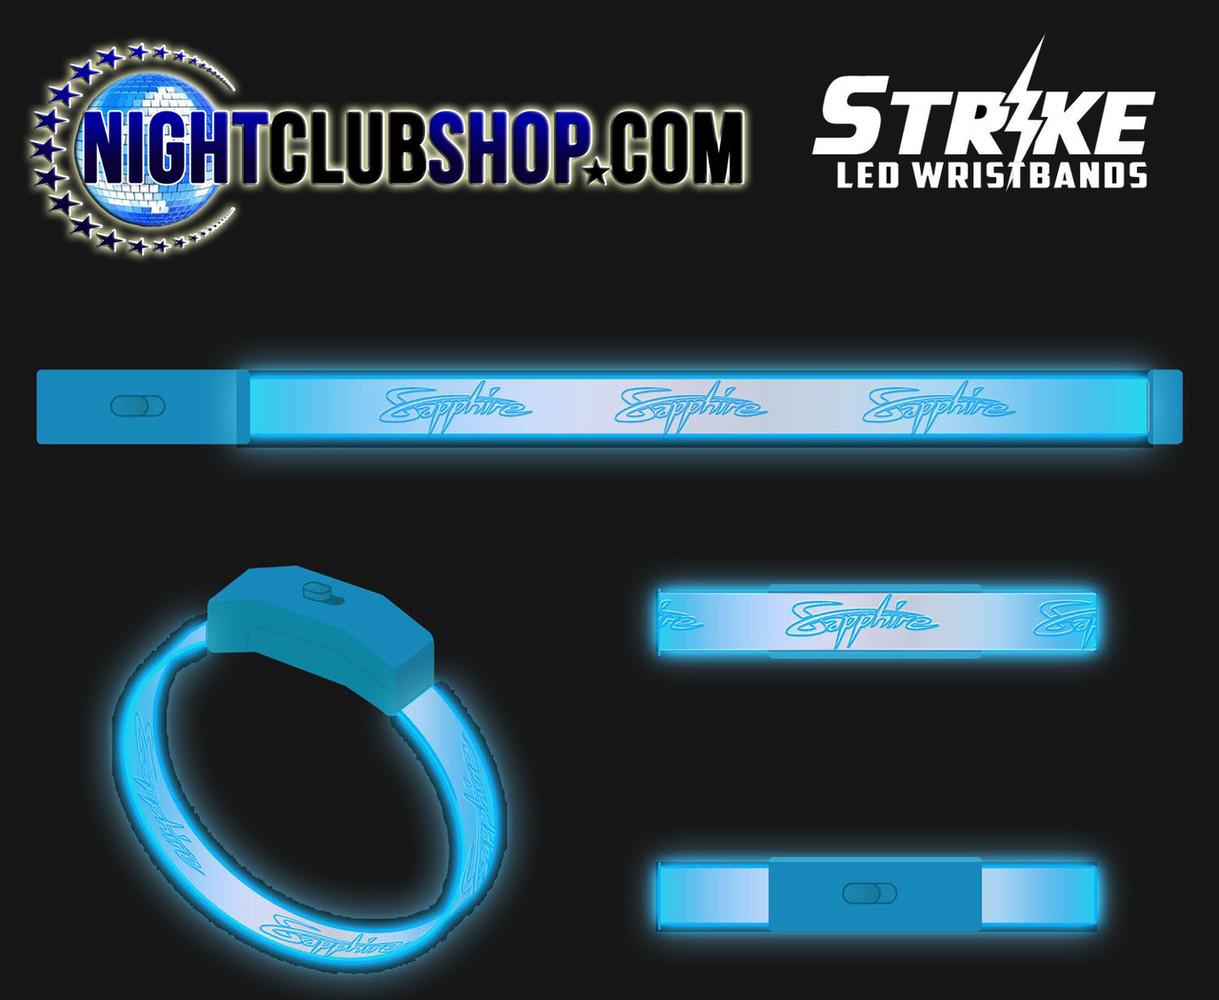 Personalized, Custom, Light up, illuminated, LED, wristband, bracelet, Bands, Name in Lights